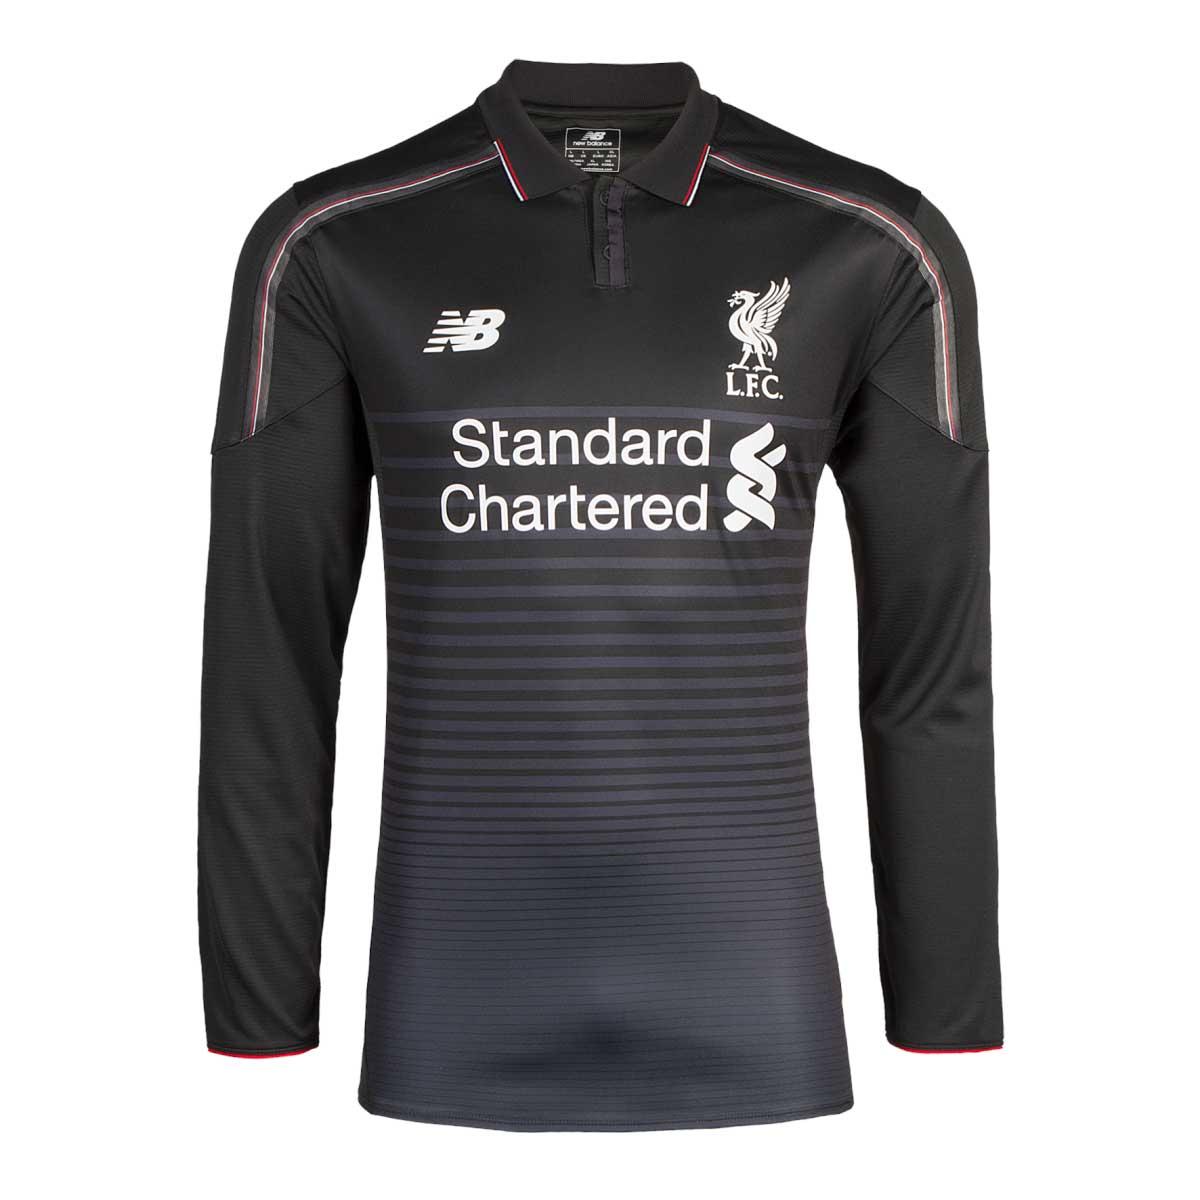 Liverpool 15-2016 Third Shirt (Kids)  WSTJ551  -  26.61 Teamzo.com 8469d9738